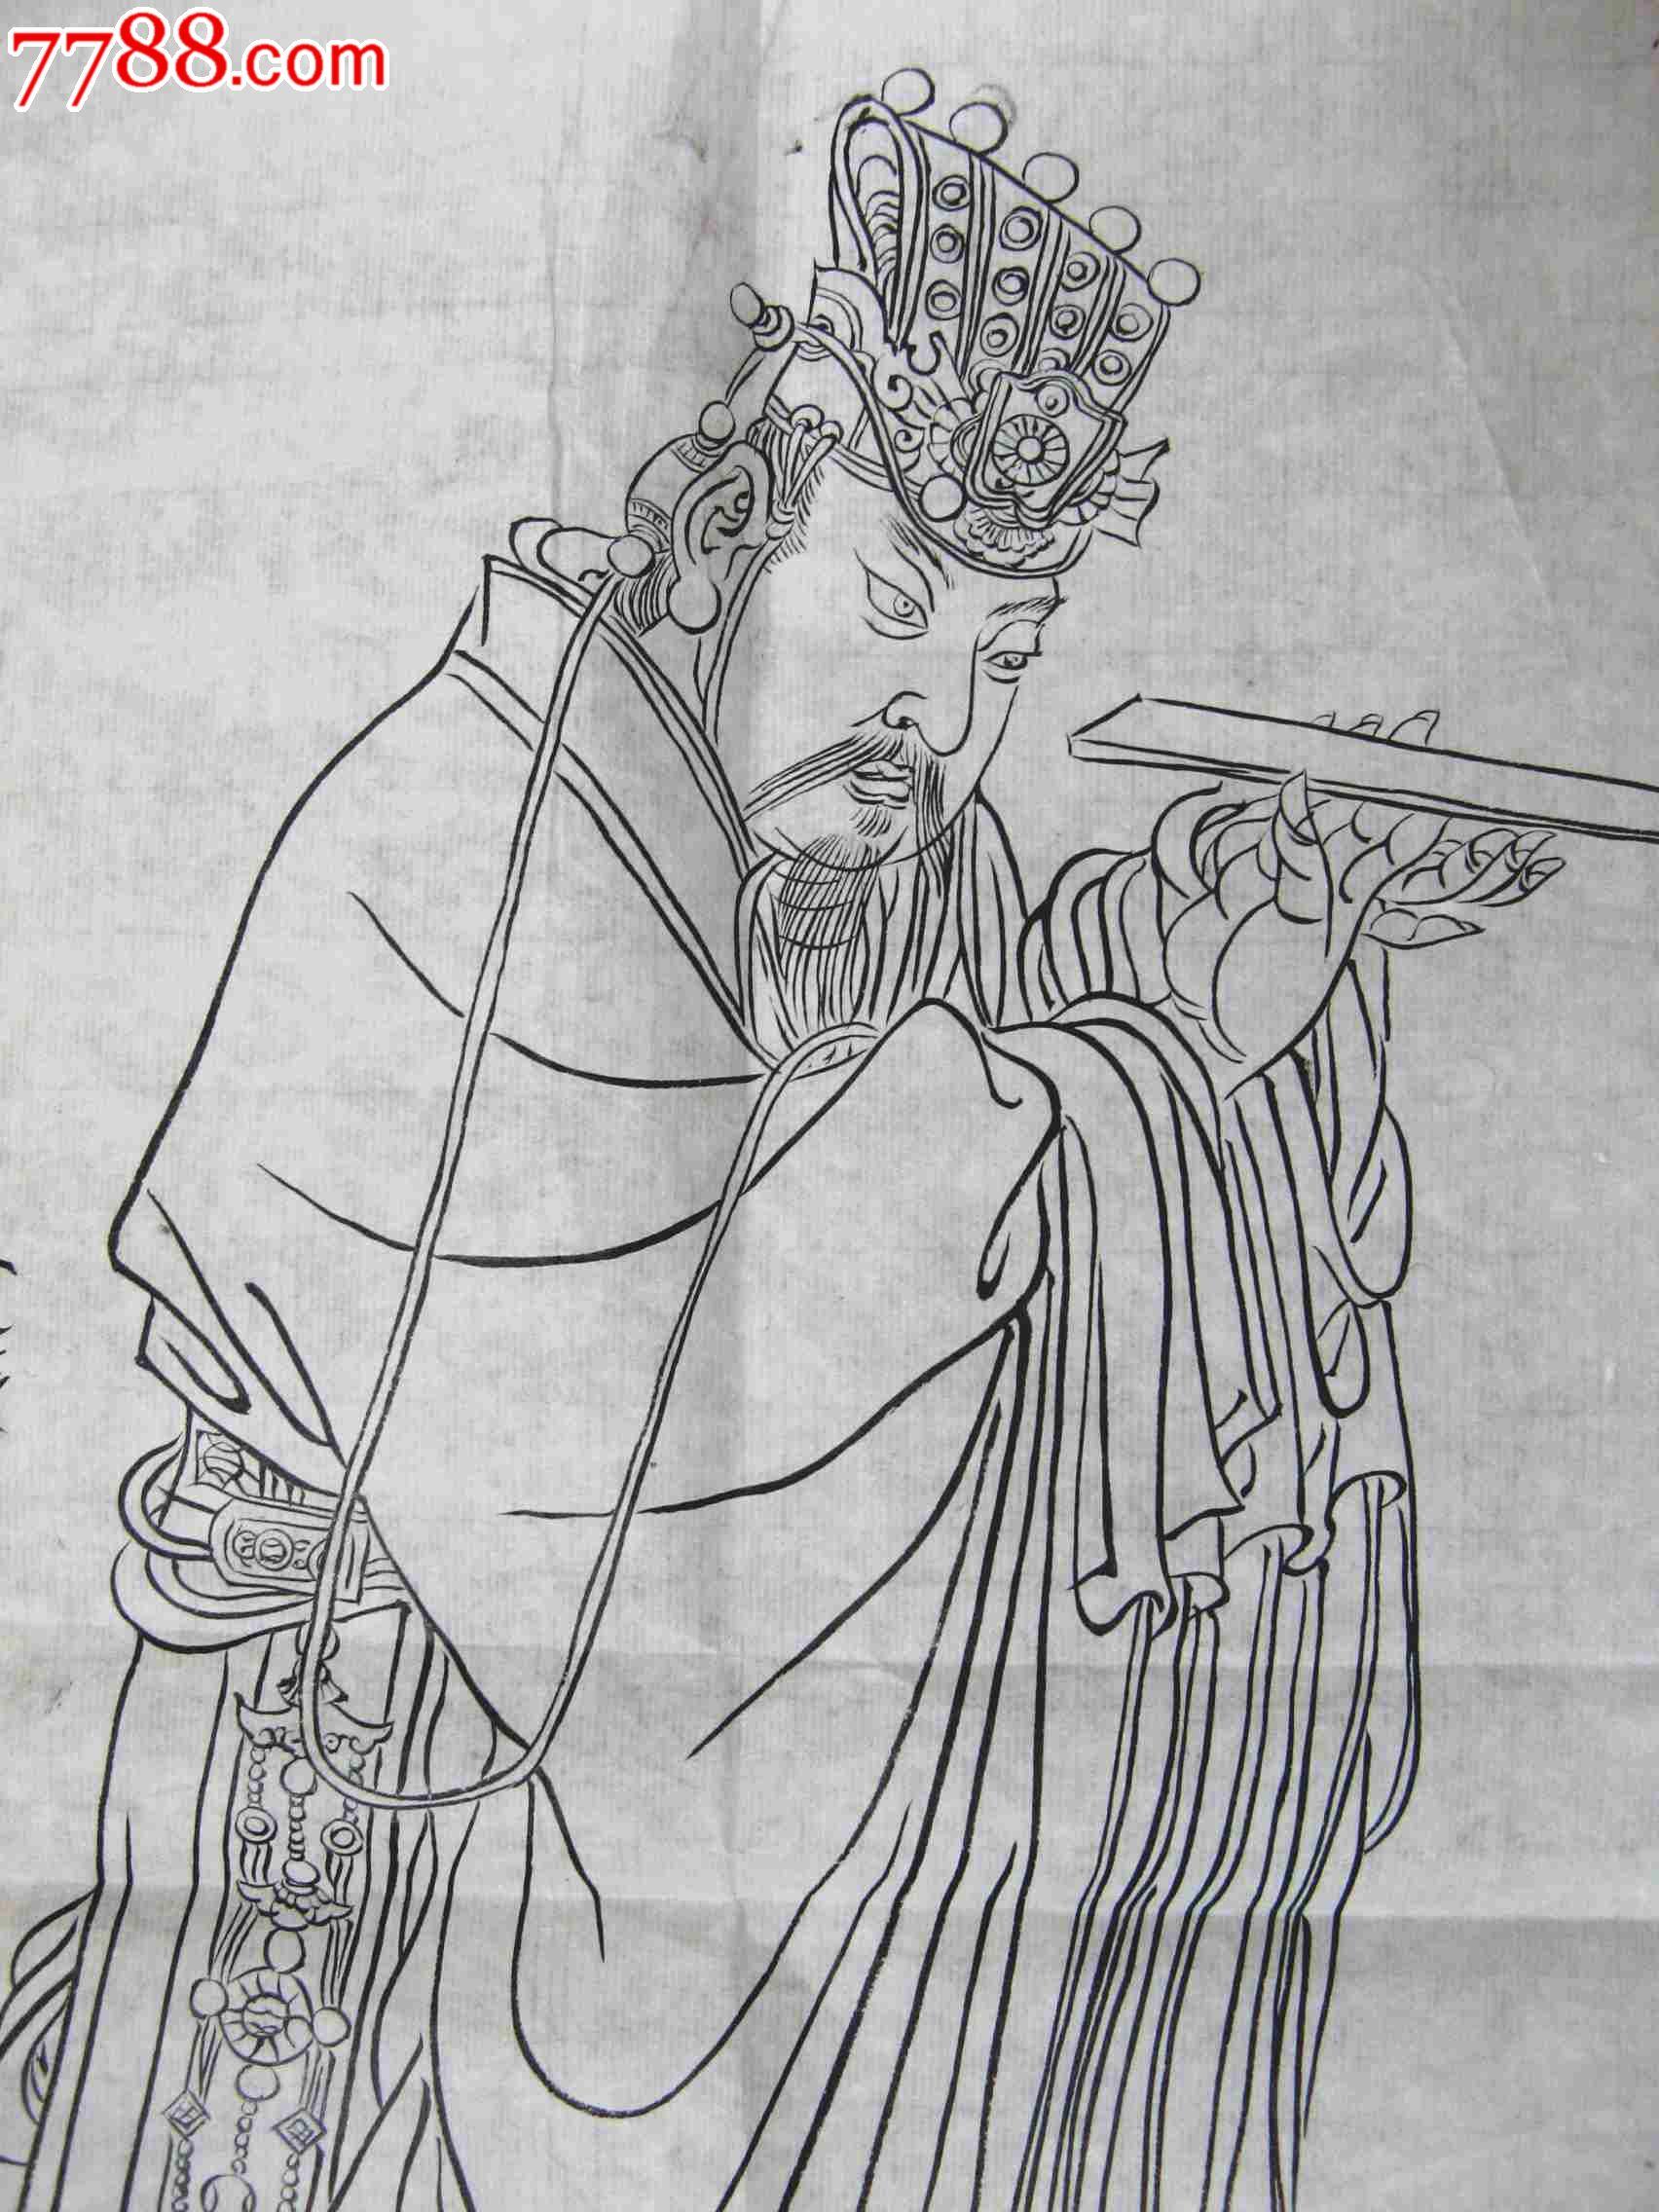 简洁精练的尺半条幅无款古代人物画:大臣朝觐图